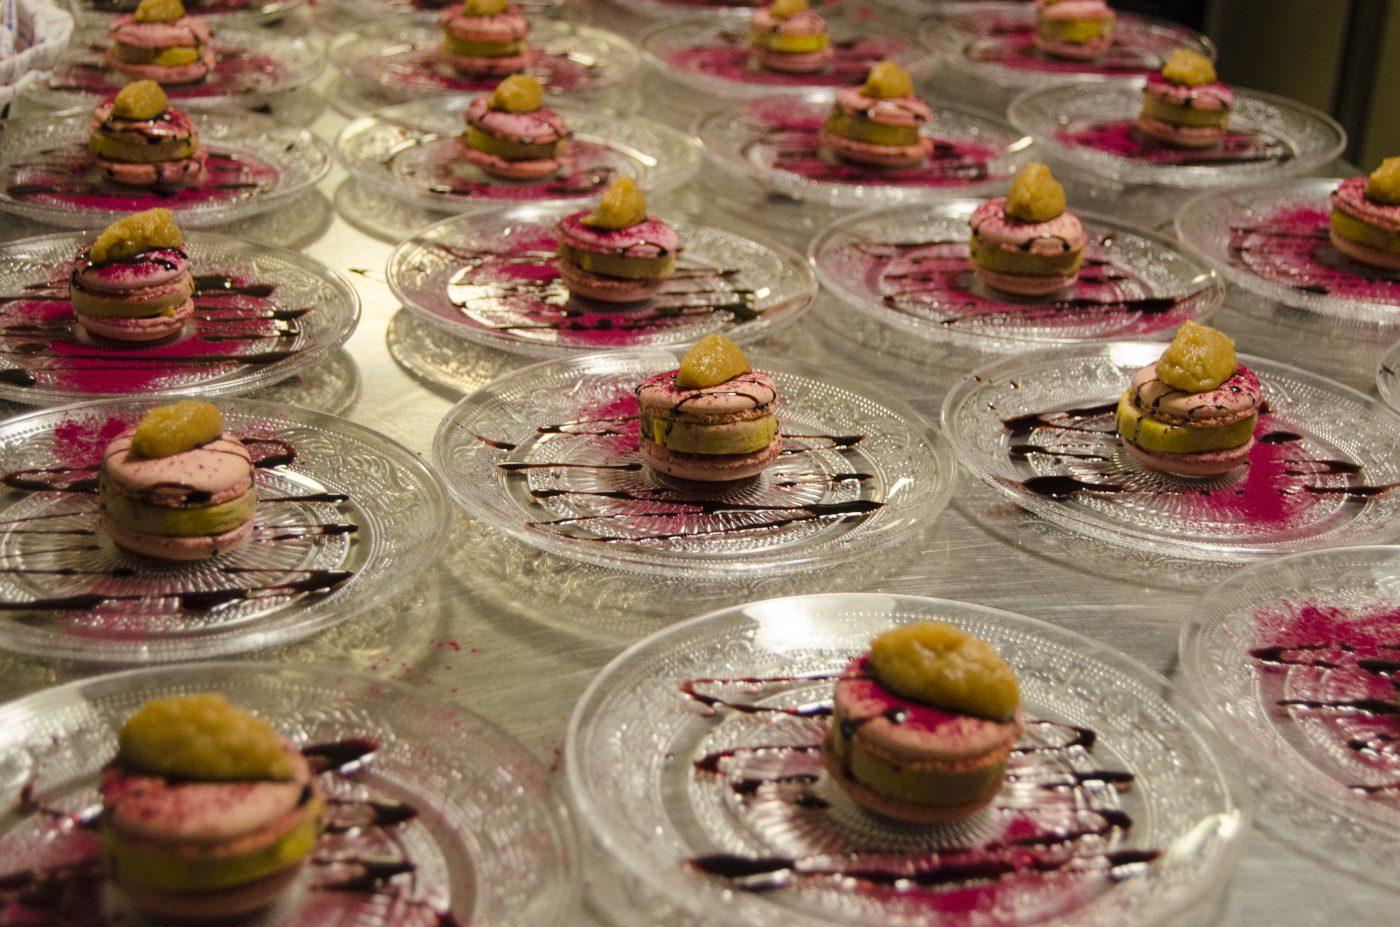 Glazen bordjes, meegeven met Kerst, macaron van rode biet, foie gras, ganzenlever, gebbqde appelcompote, macaron, rode port, rode biet, port stroop